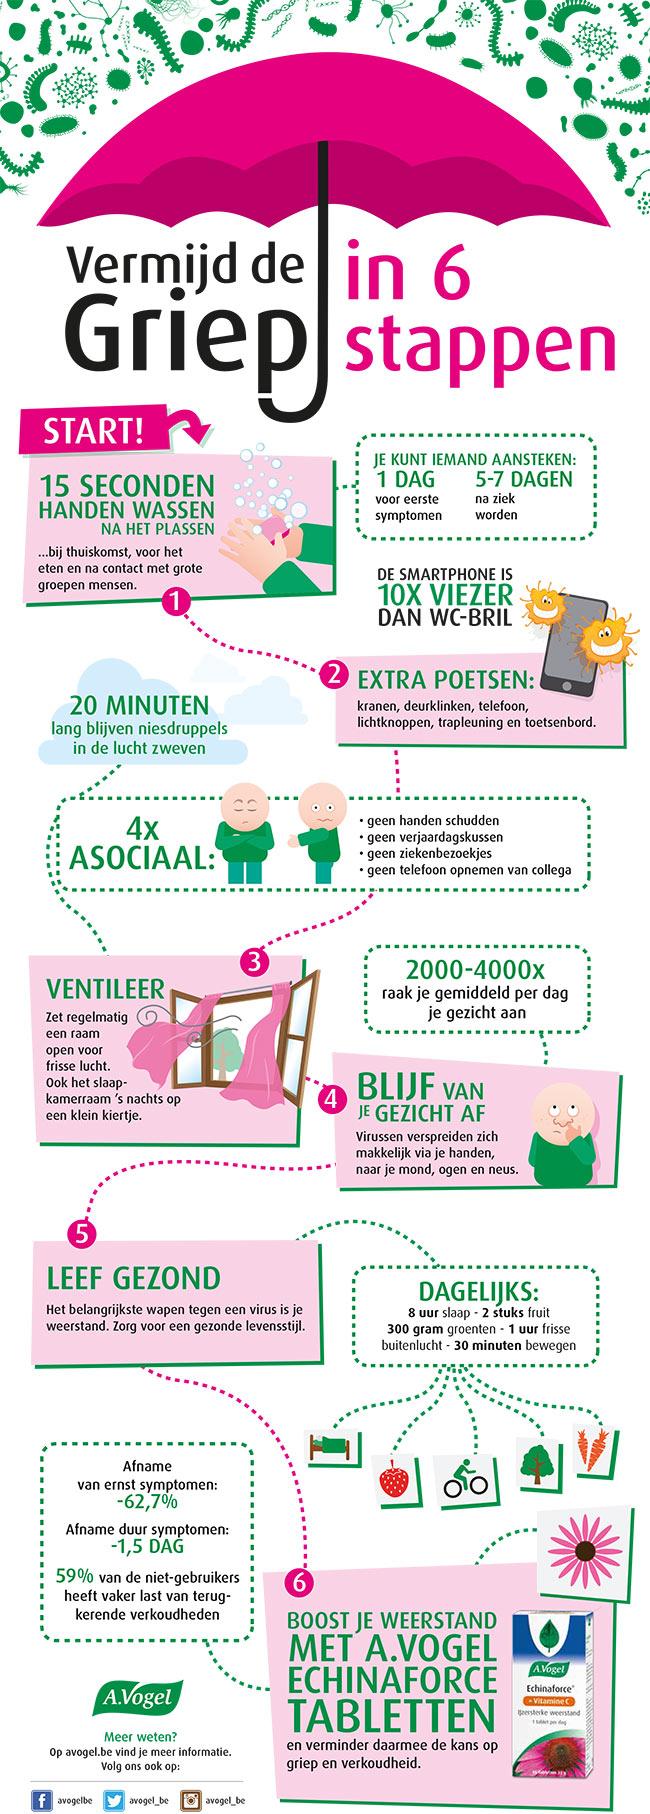 Vermijd de griep in 6 stappen